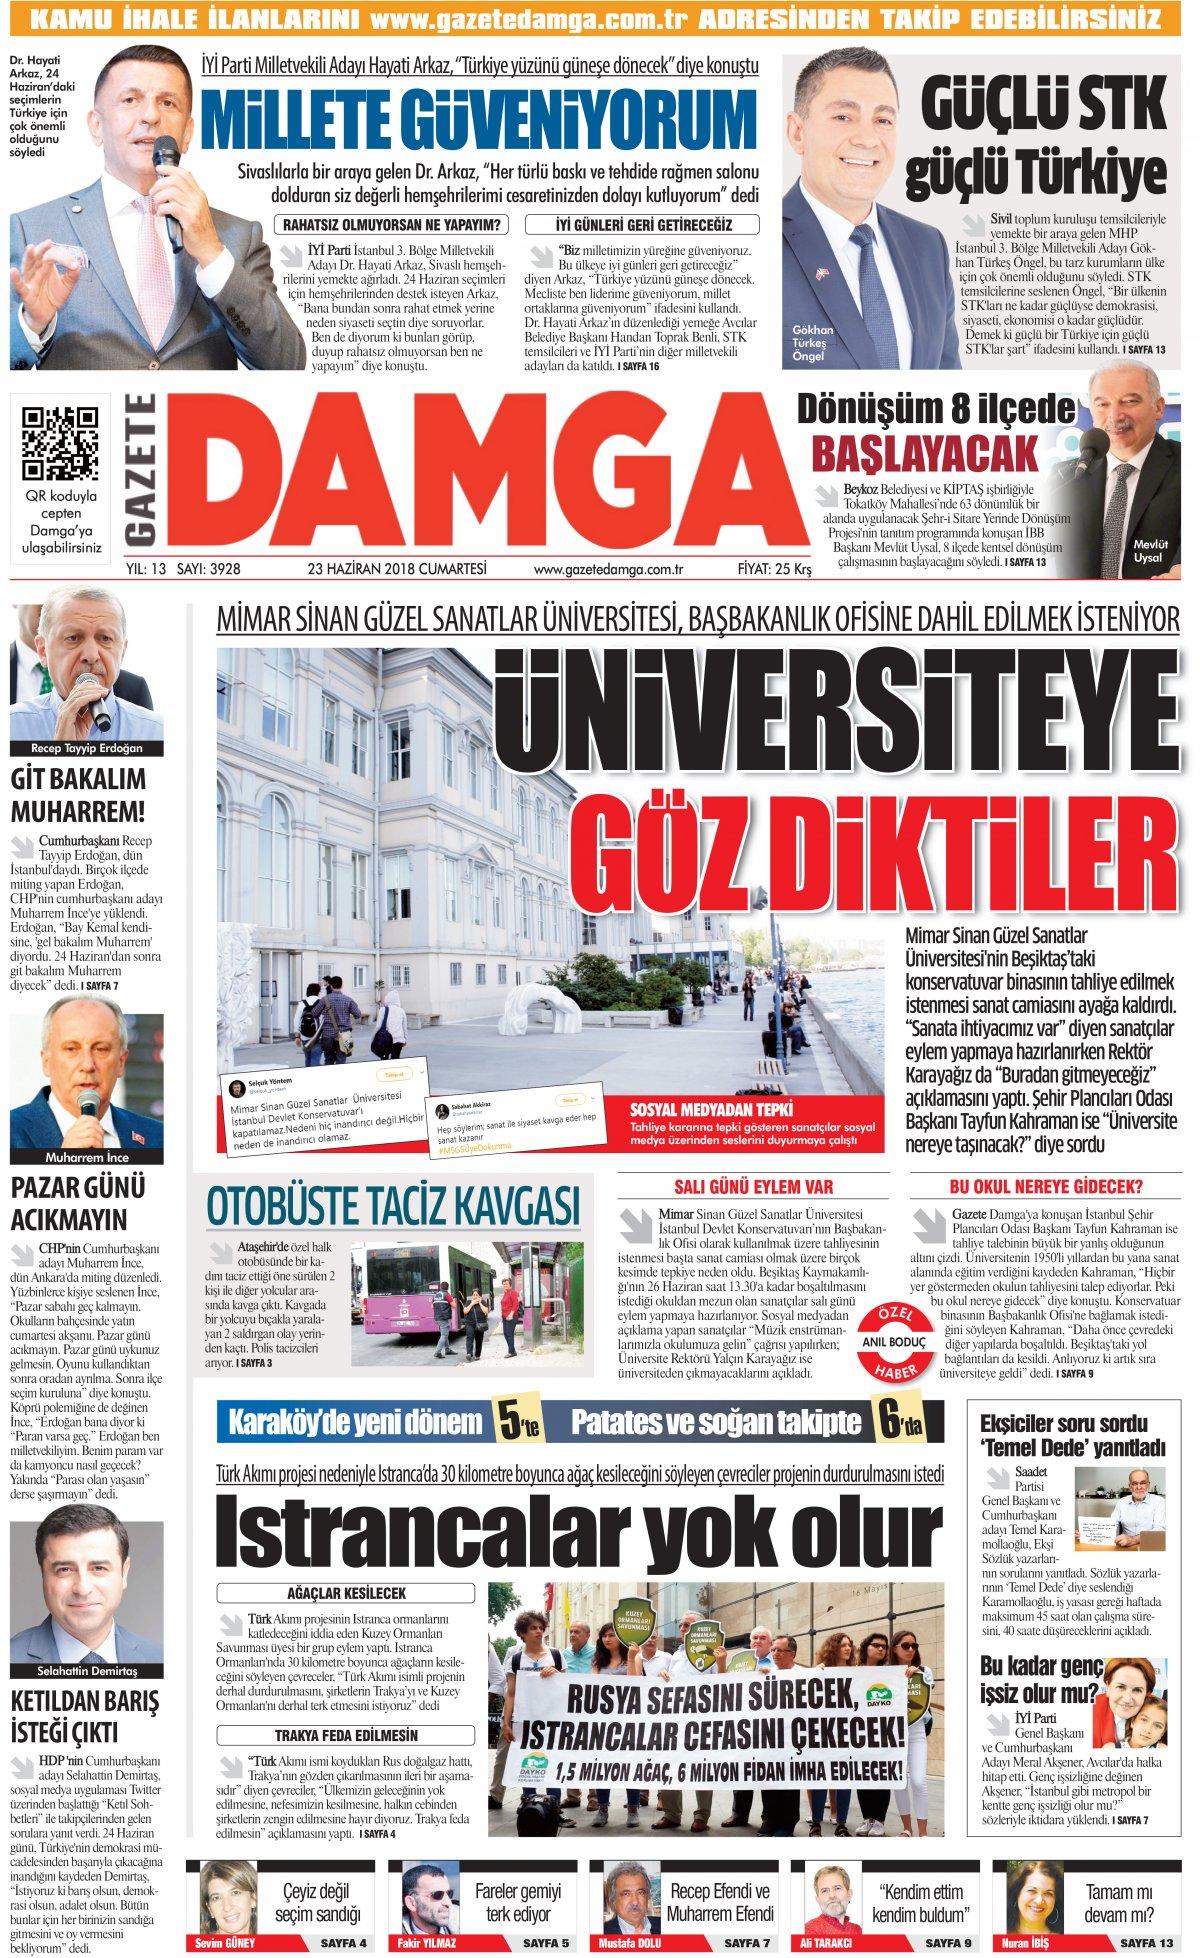 CHP ile HDPnin ortak adayı olacağı iddia edilen Celal Doğan: Görüşmeleri beklemek gerekli 60